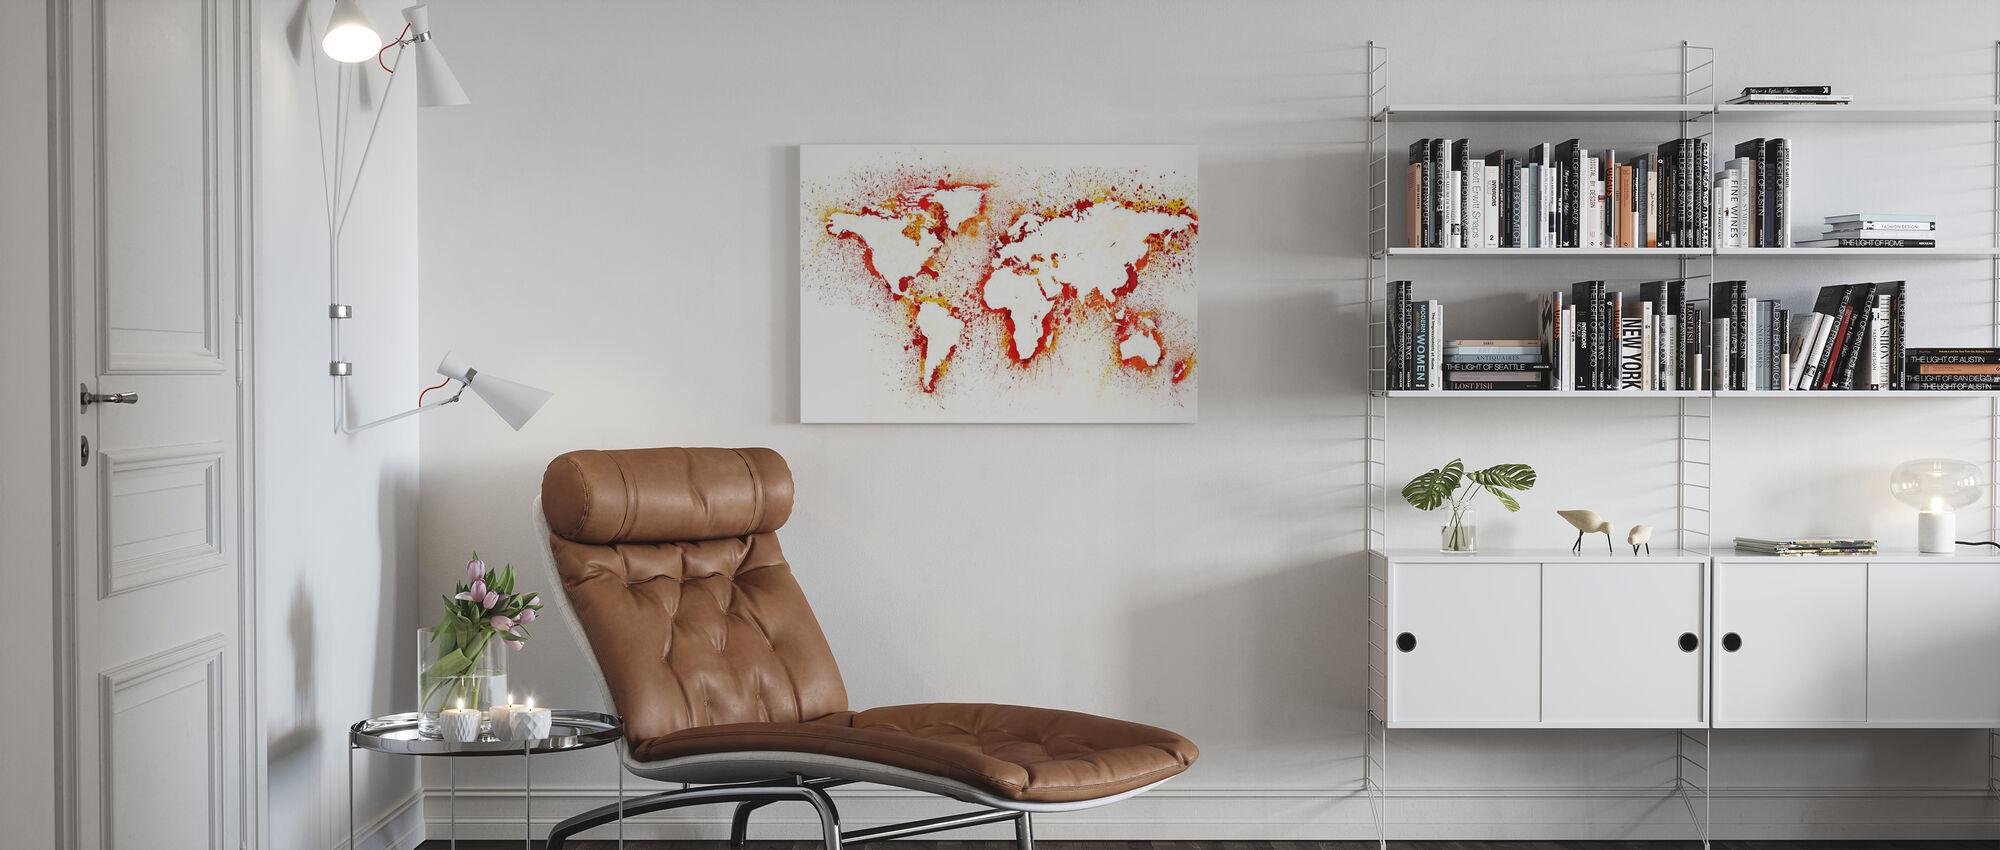 Abstrakte Weltkarte - Leinwandbild - Wohnzimmer